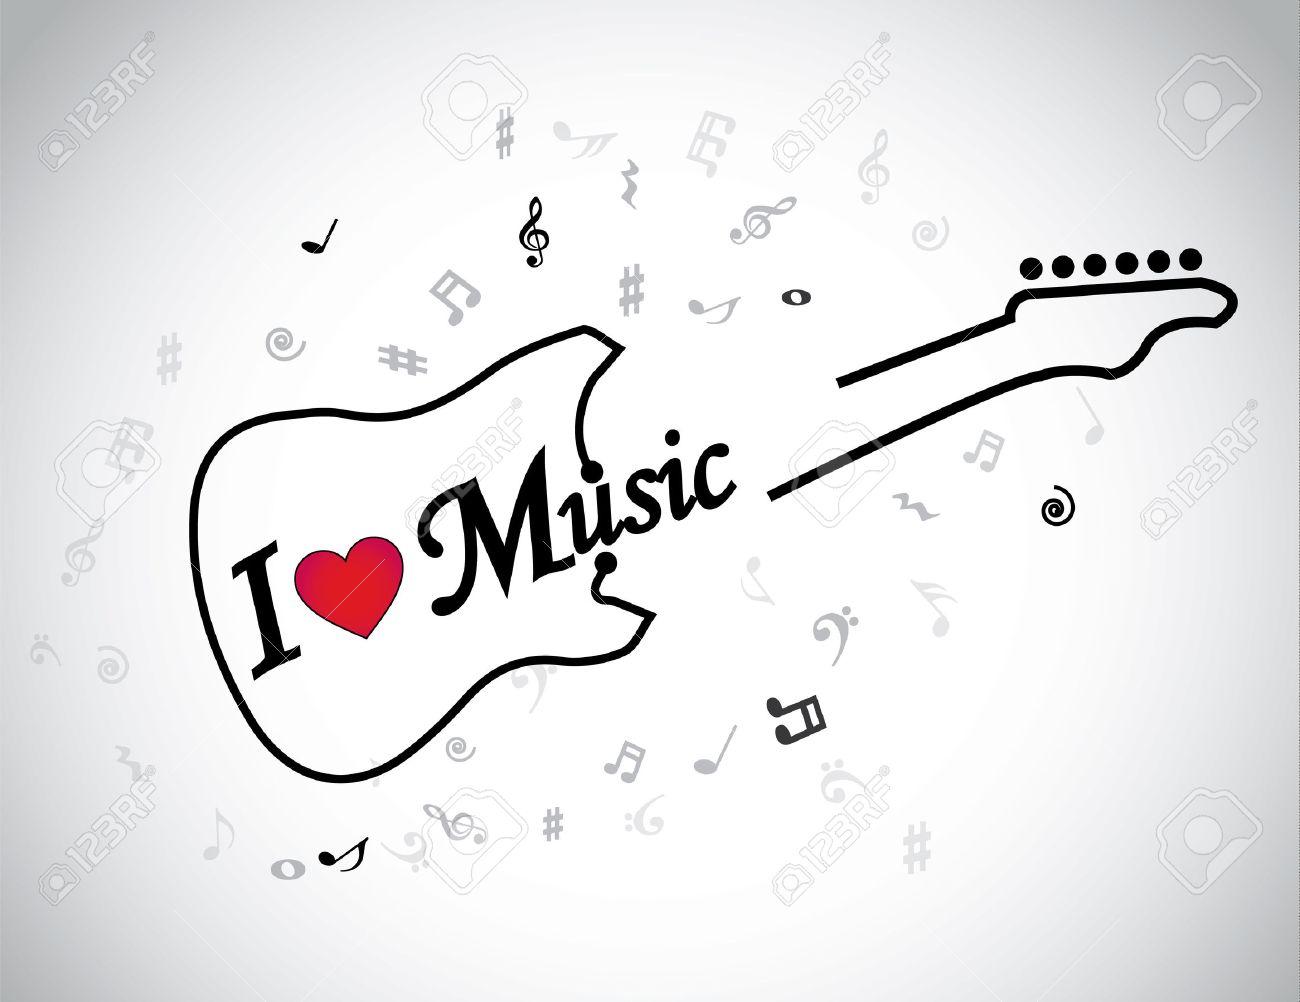 متن در مورد موسیقی